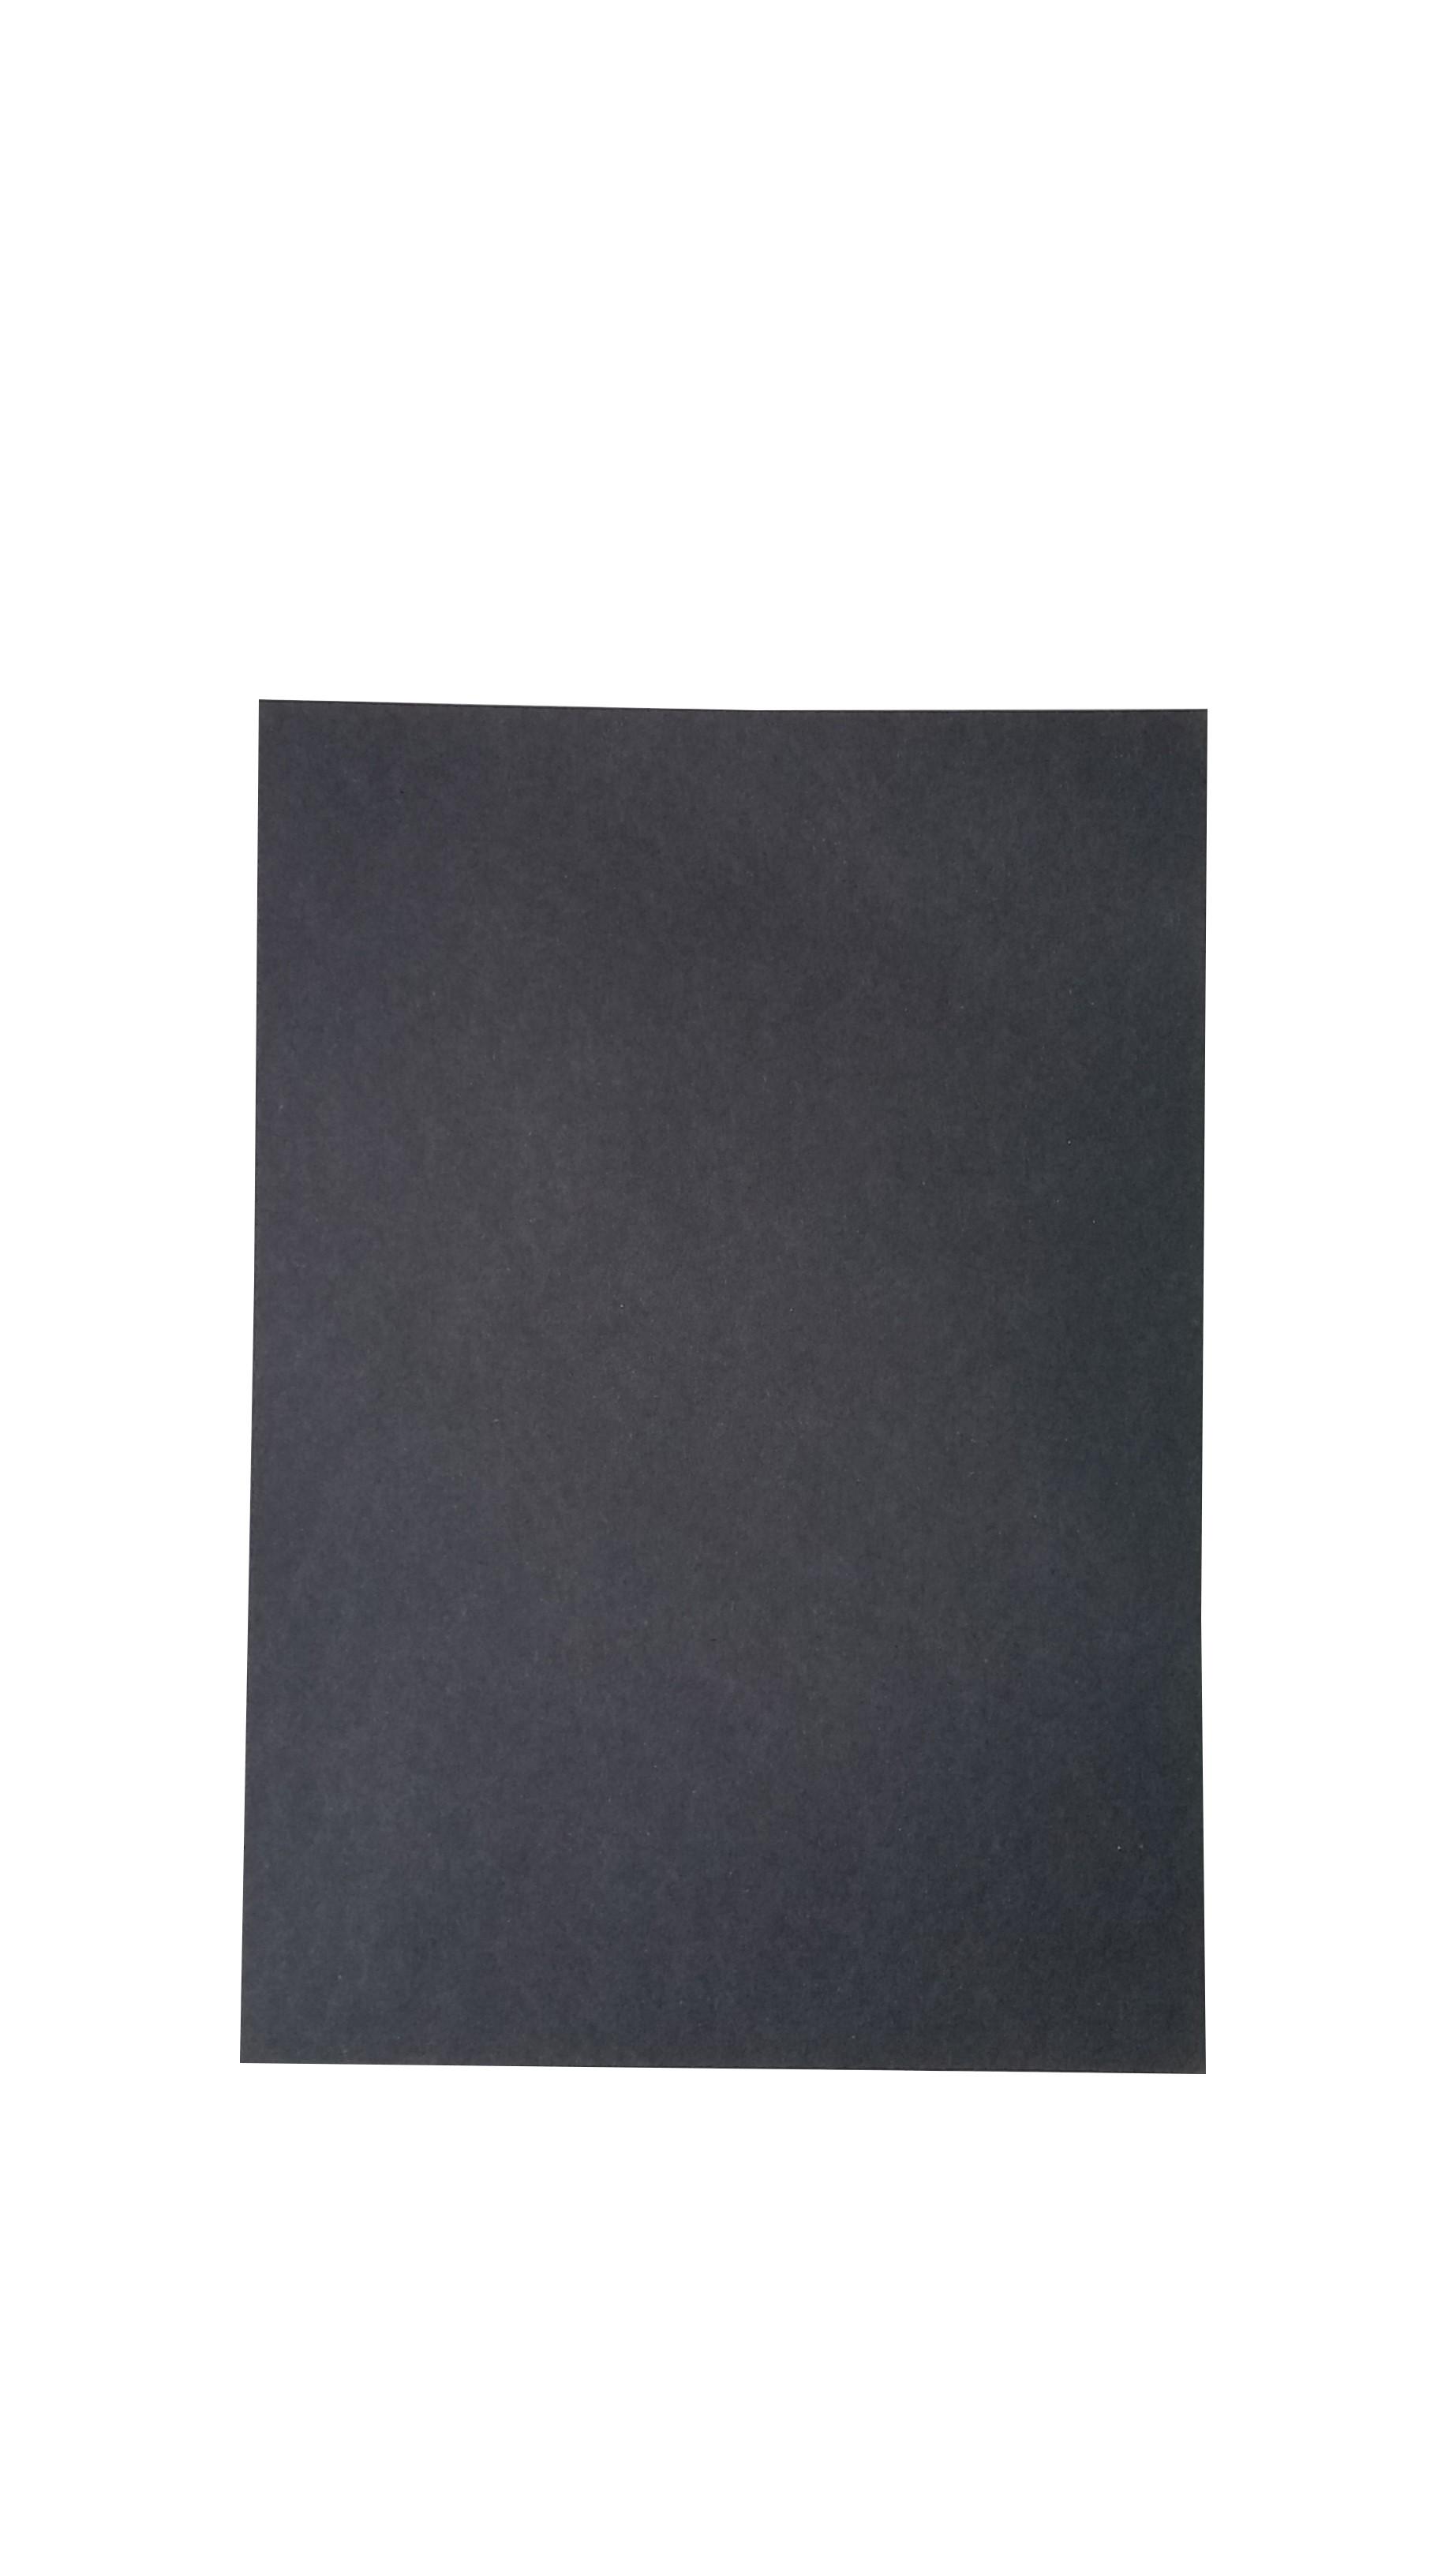 Vykres Farebny Cierny A4 180g 20 Listov Papier Obaly Sk